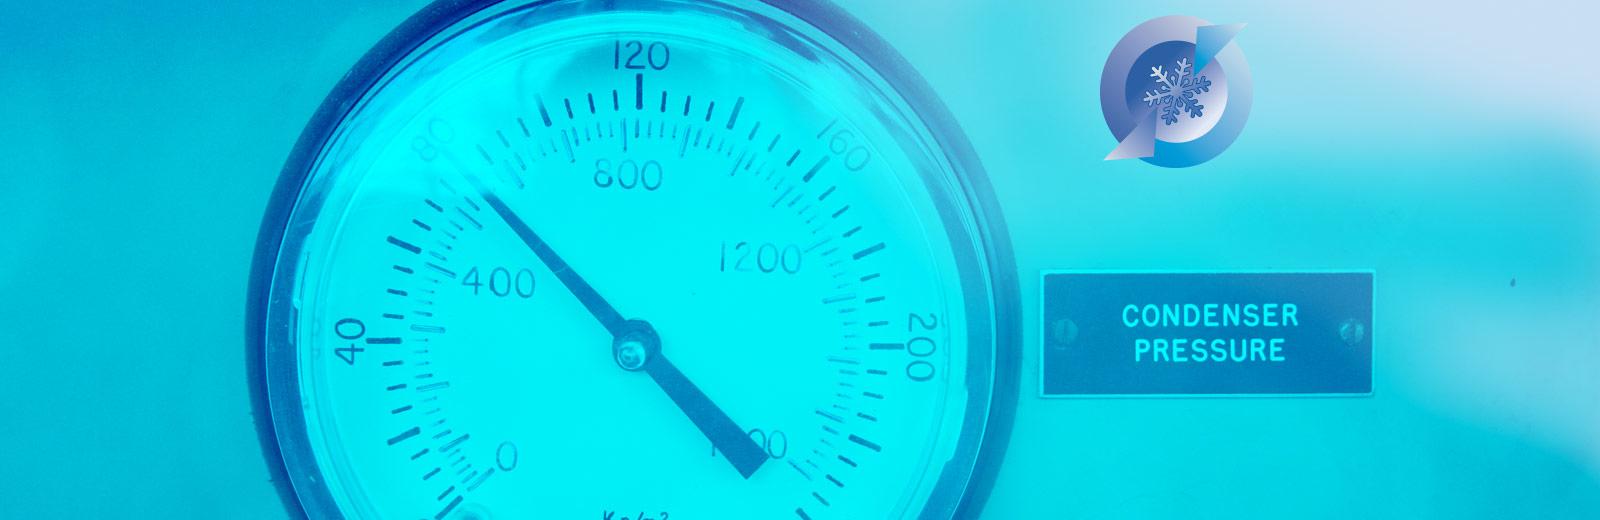 A condenser pressure guage